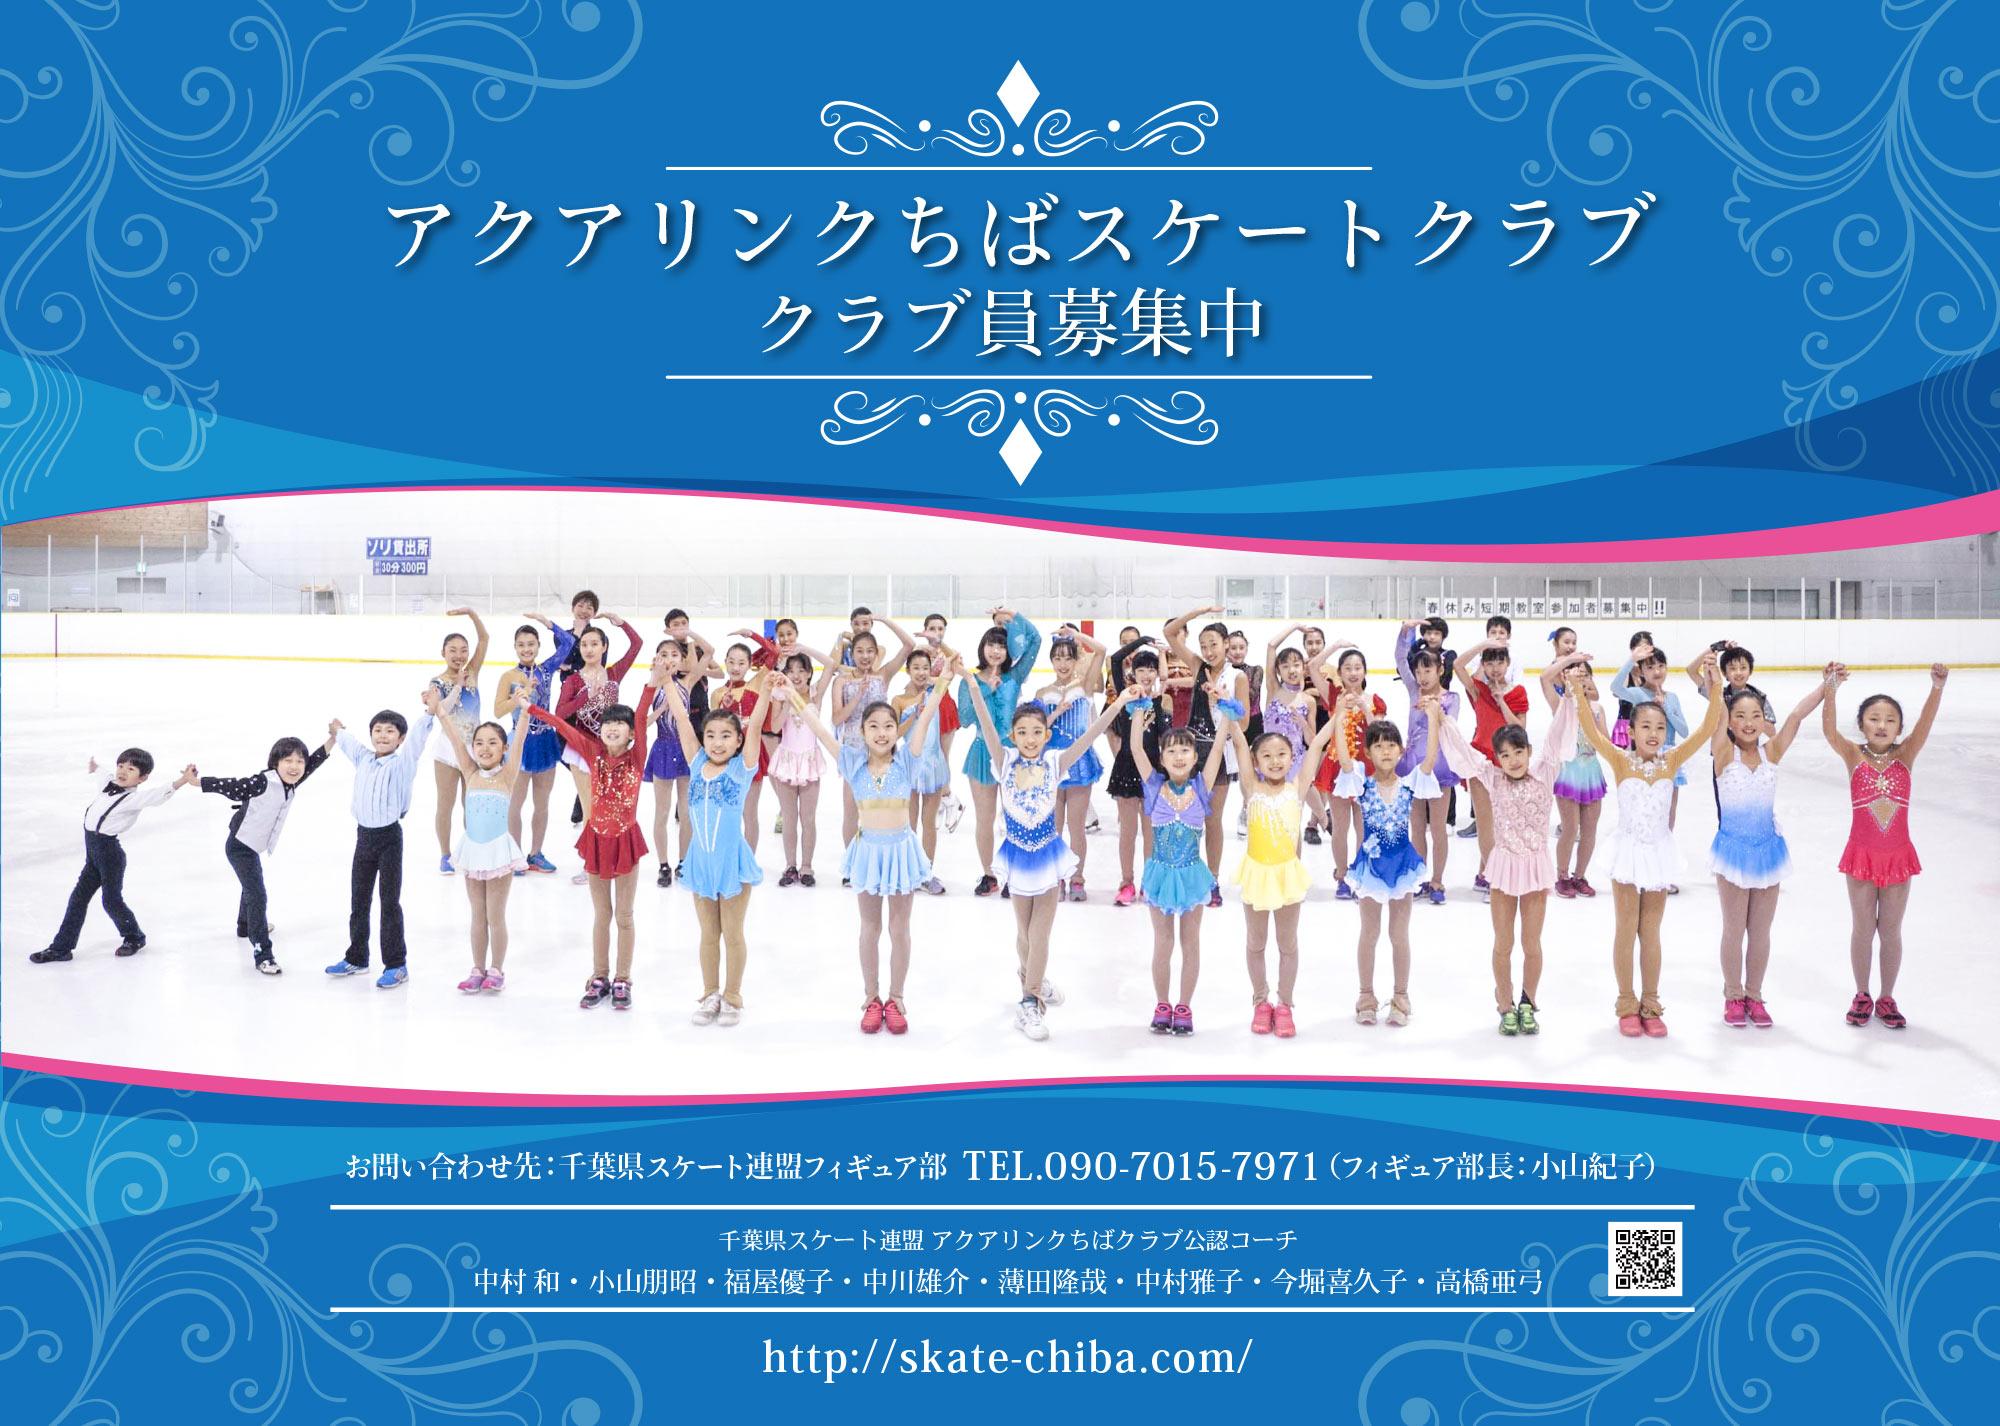 アクアリンクちばクラブ・フィギュア部【会員募集】